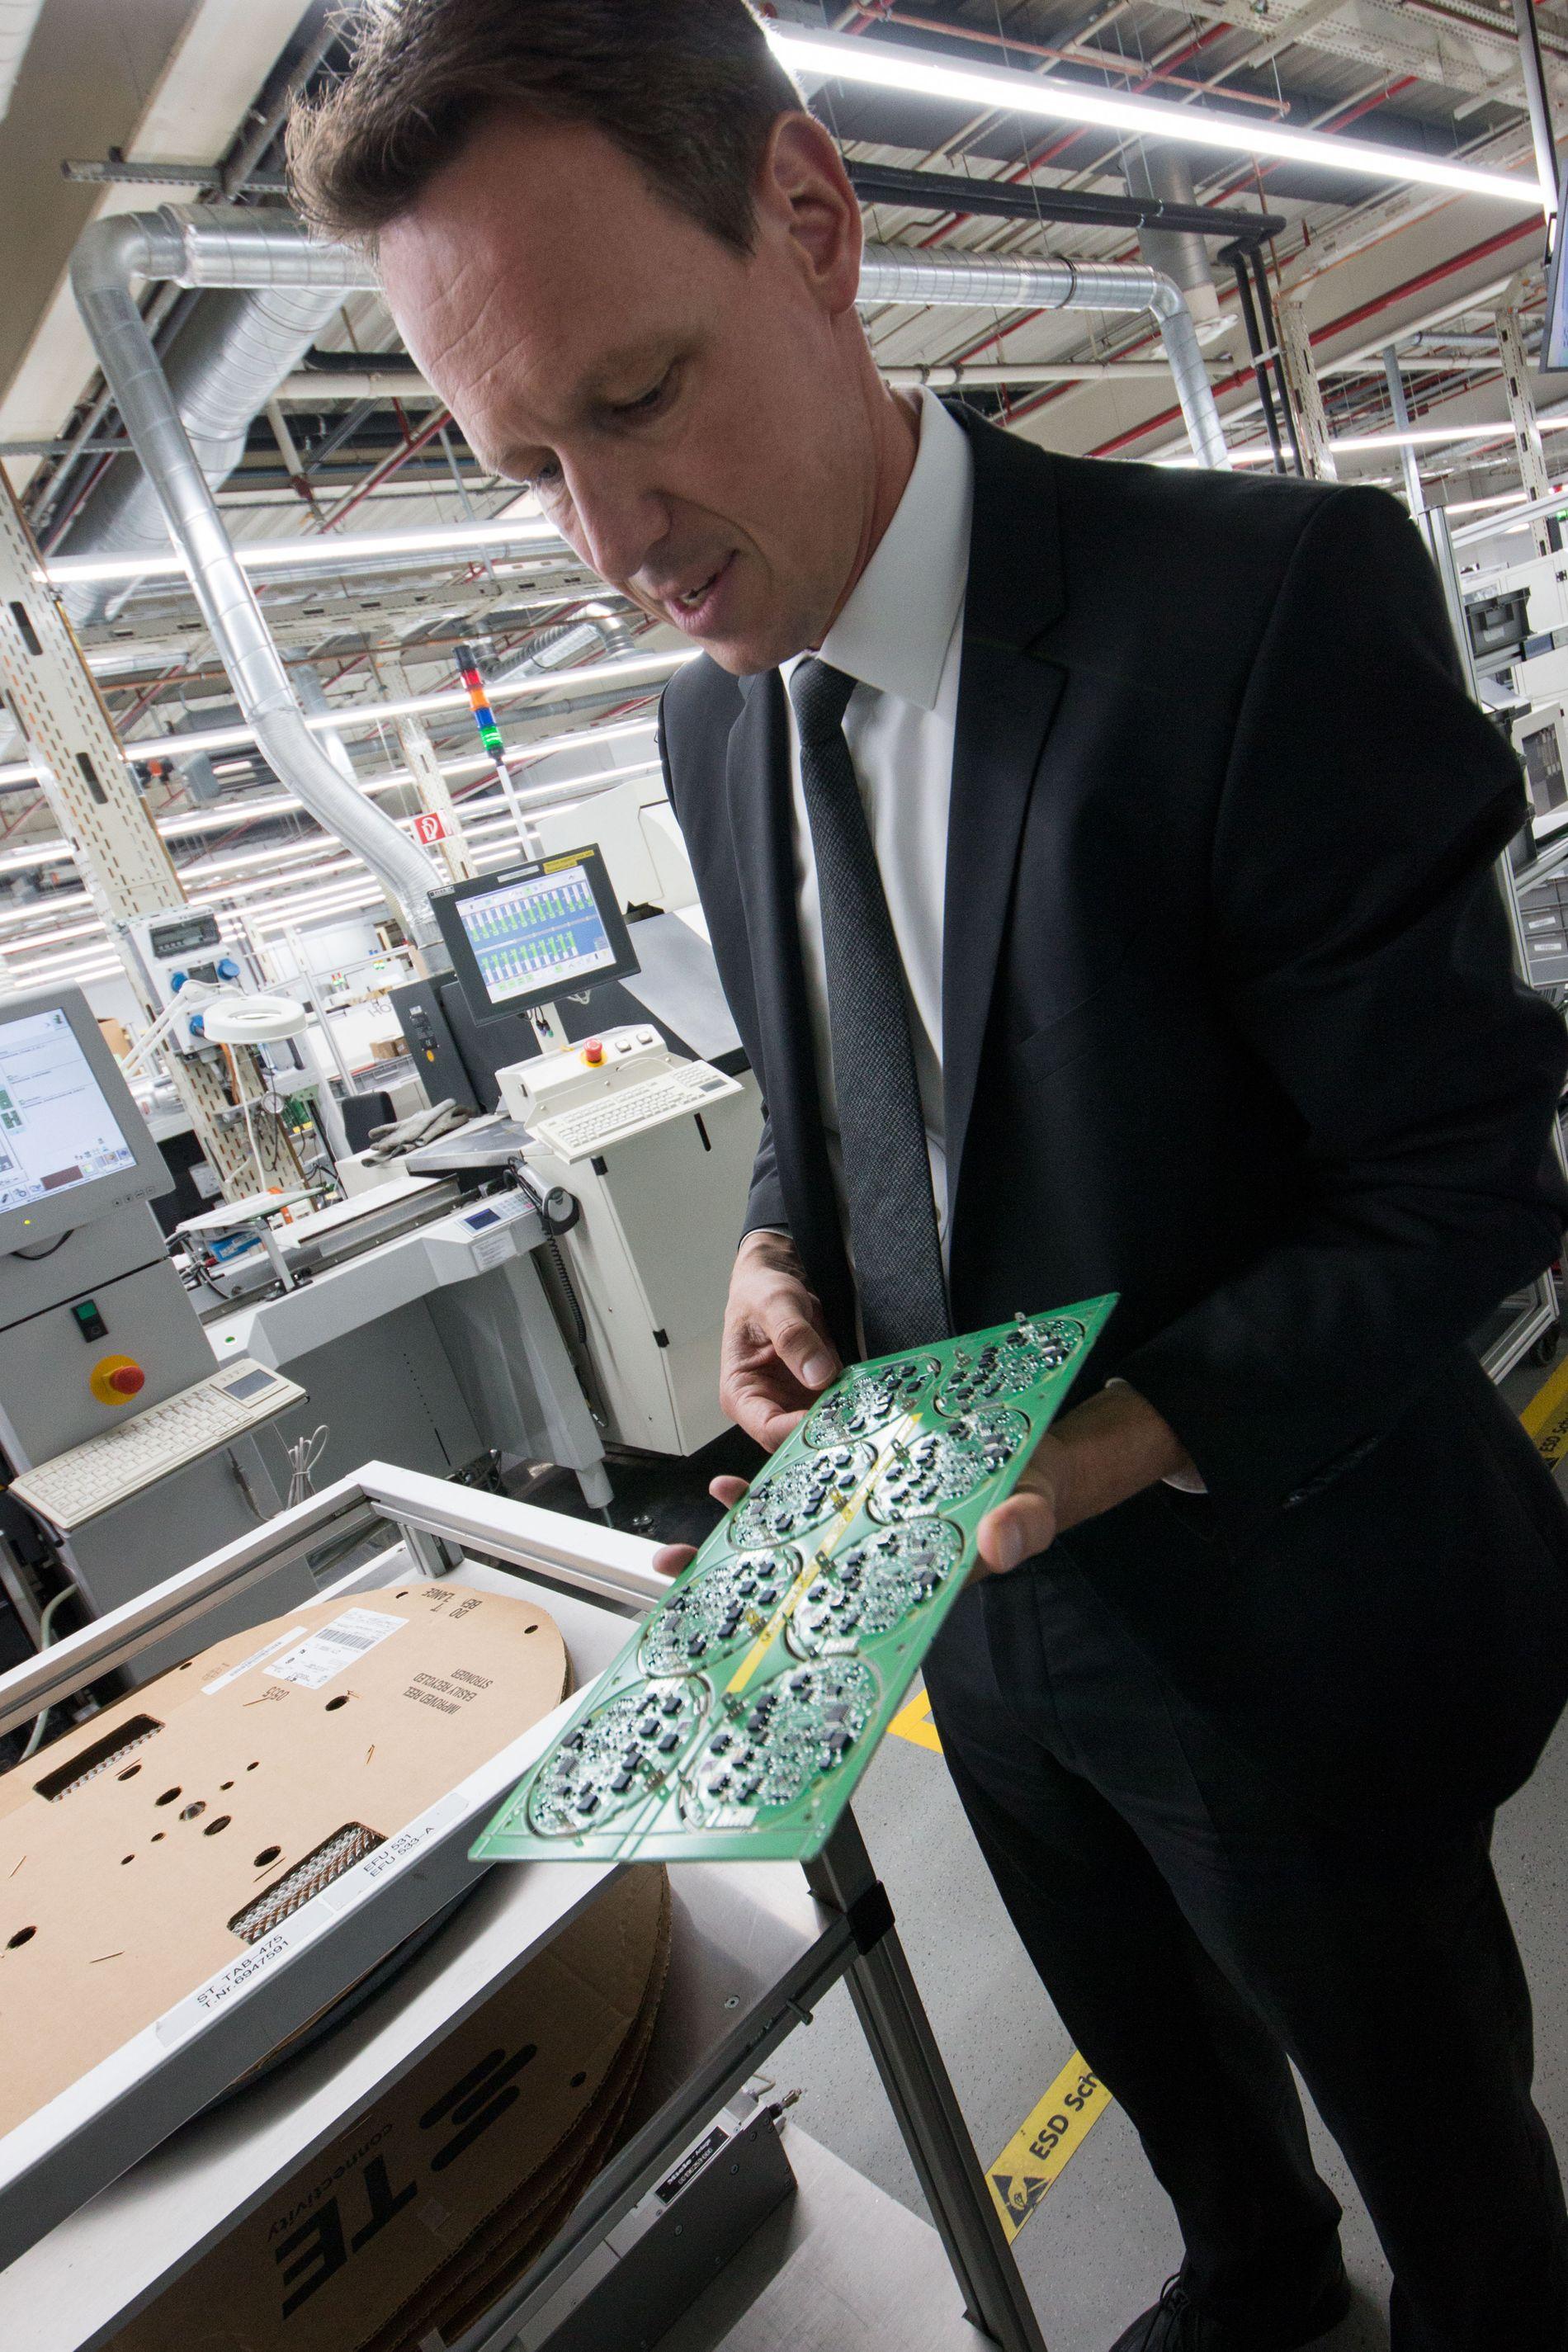 Oppdateres: Rüdiger Hellenkamp hos Miele har ansvaret for produksjonen av elektronikkdeler til vaskemaskinene, stekovnene og oppvaskmaskinene til Miele. Det er ingen enkel utfordring å lage avansert elektronikk som skal holde ut i husets ofte fuktigste rom.